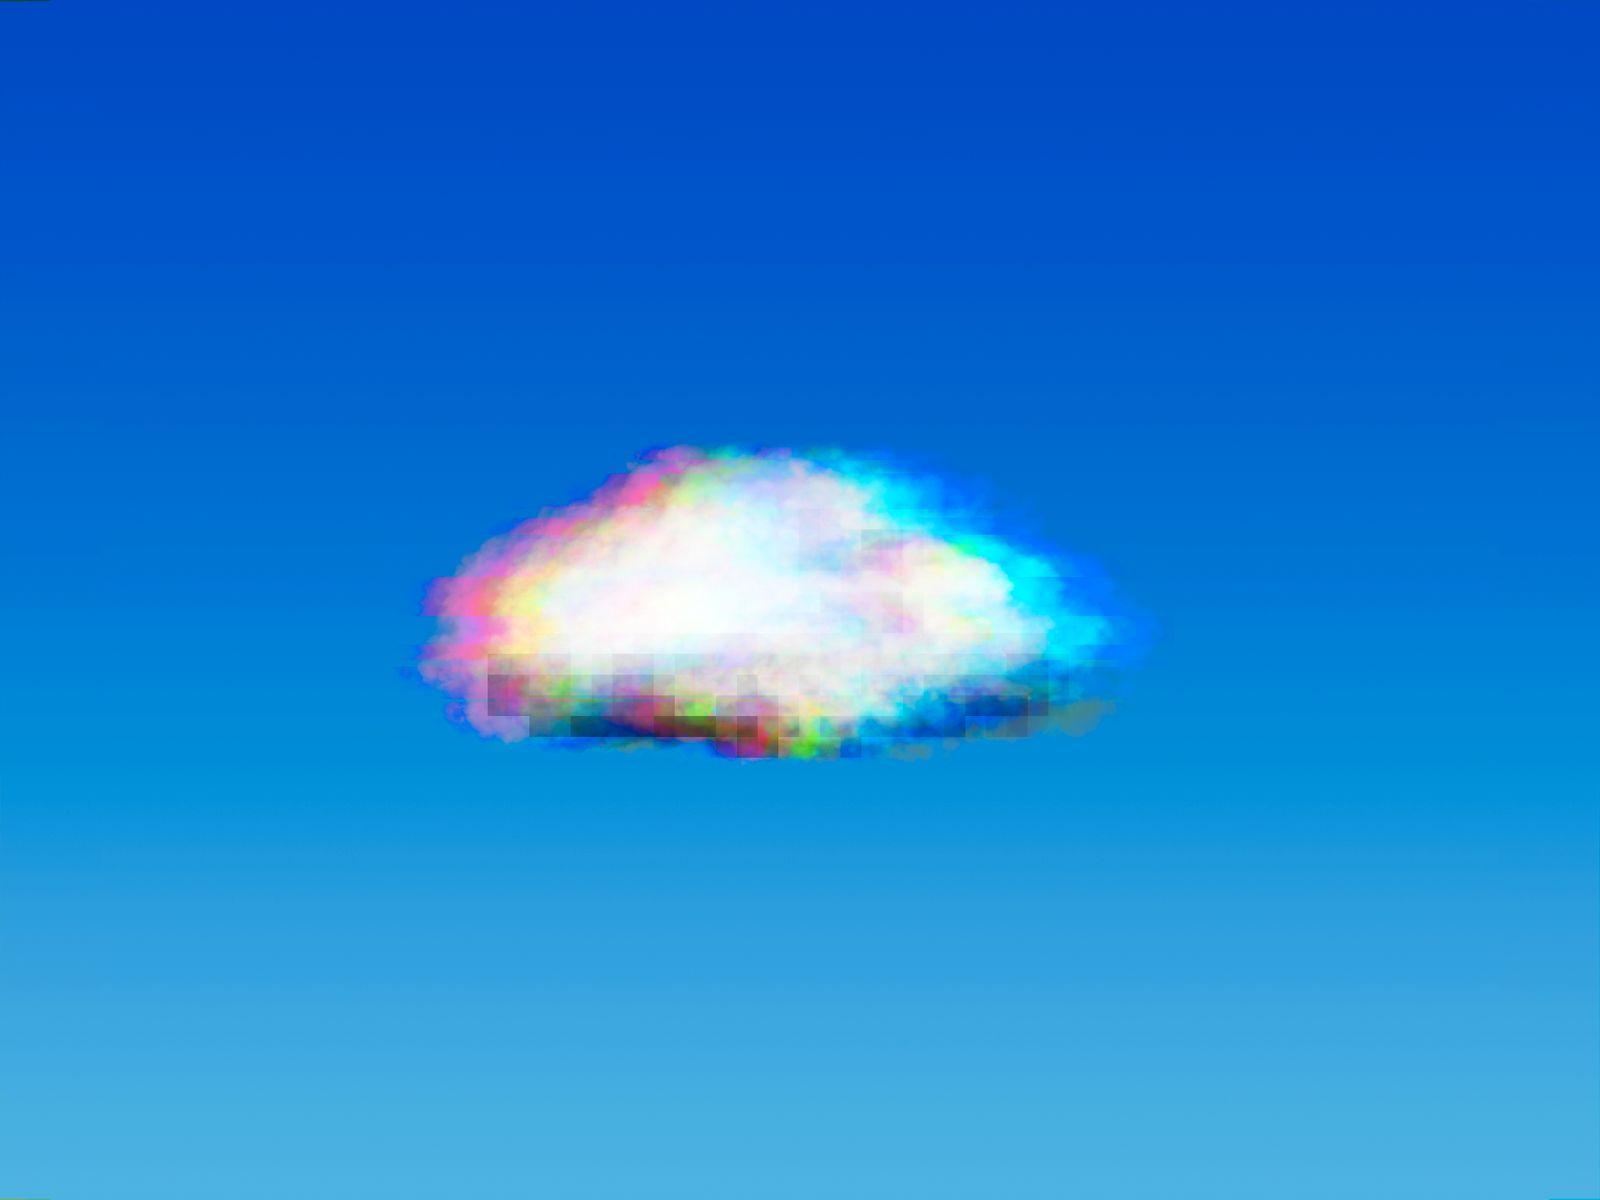 Cloud computing glitch